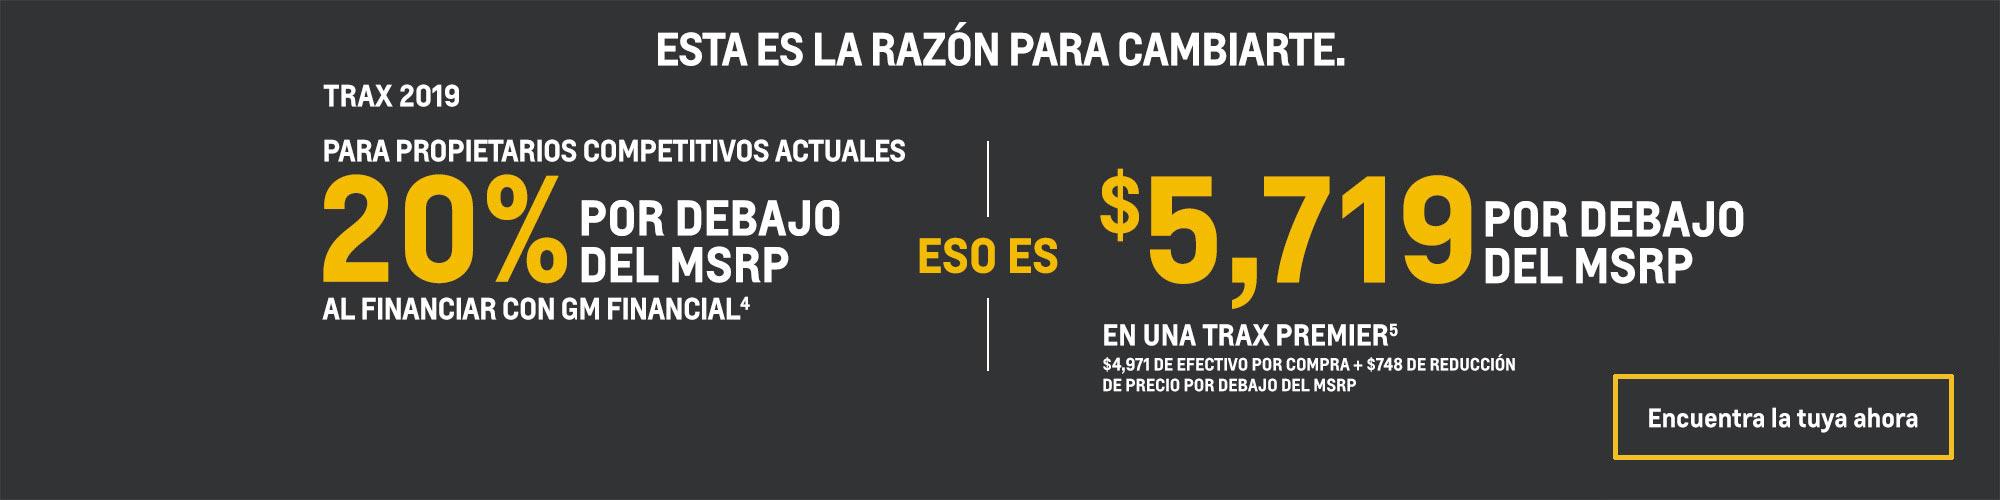 Chevrolet Trax 2019: 20% por debajo del MSRP